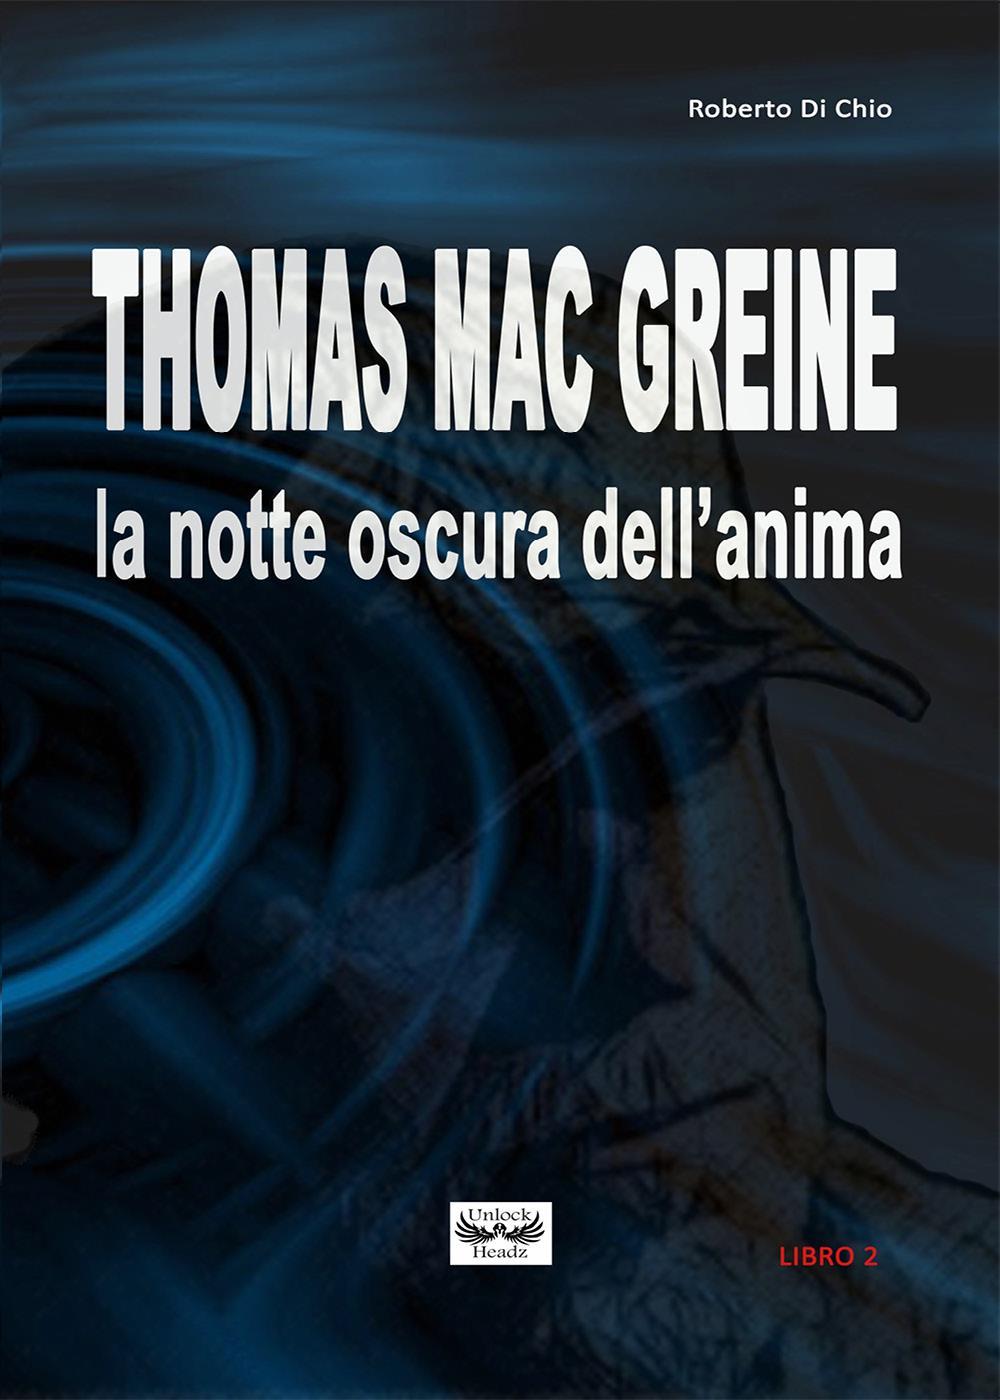 Thomas Mac Greine - La notte oscura dell'anima